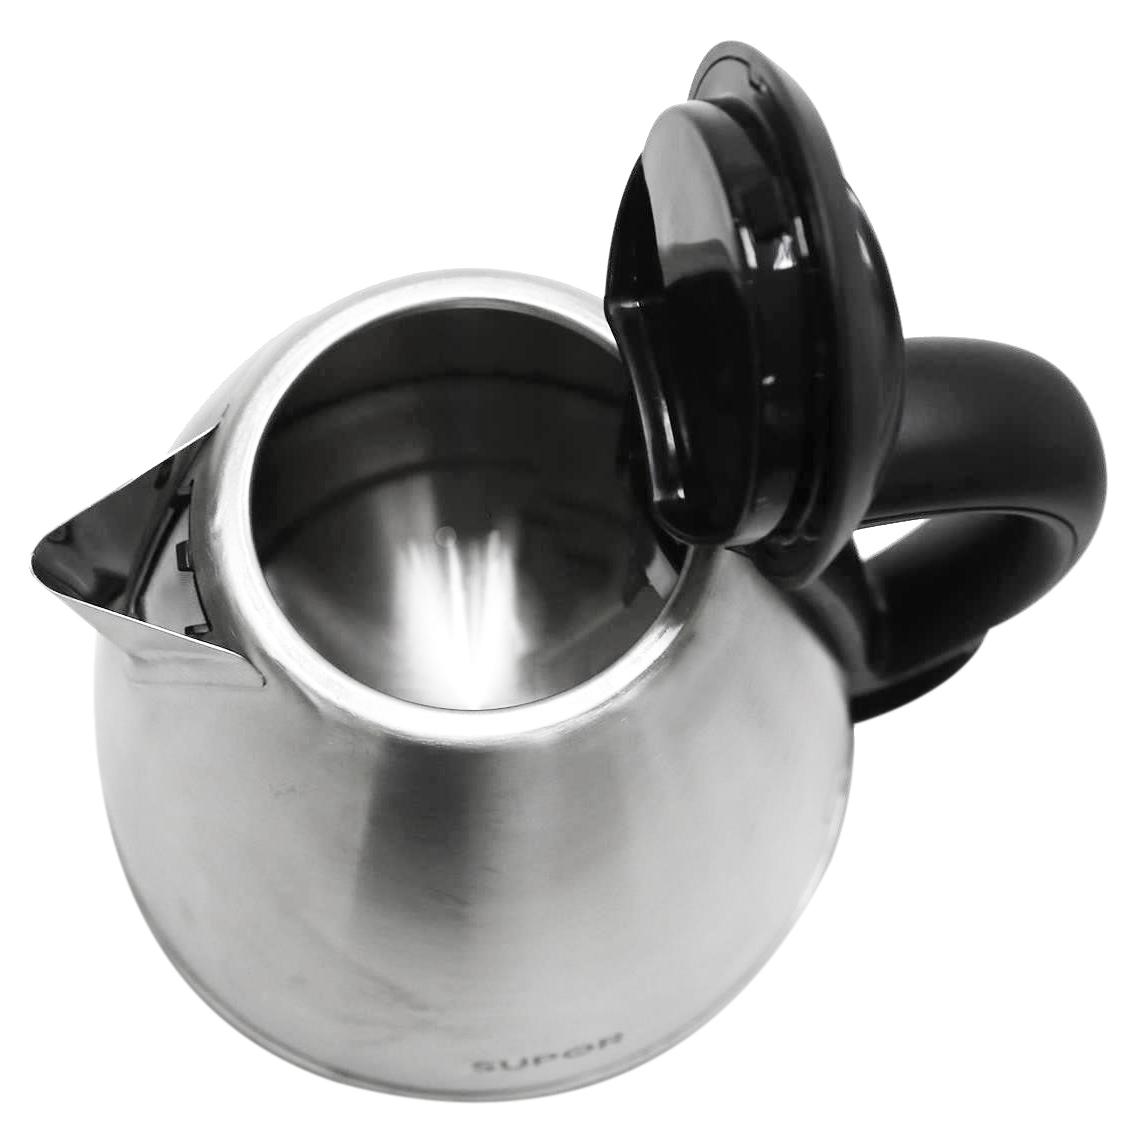 Bình Đun Siêu Tốc Inox Supor - SEK083 - Hàng chính hãng